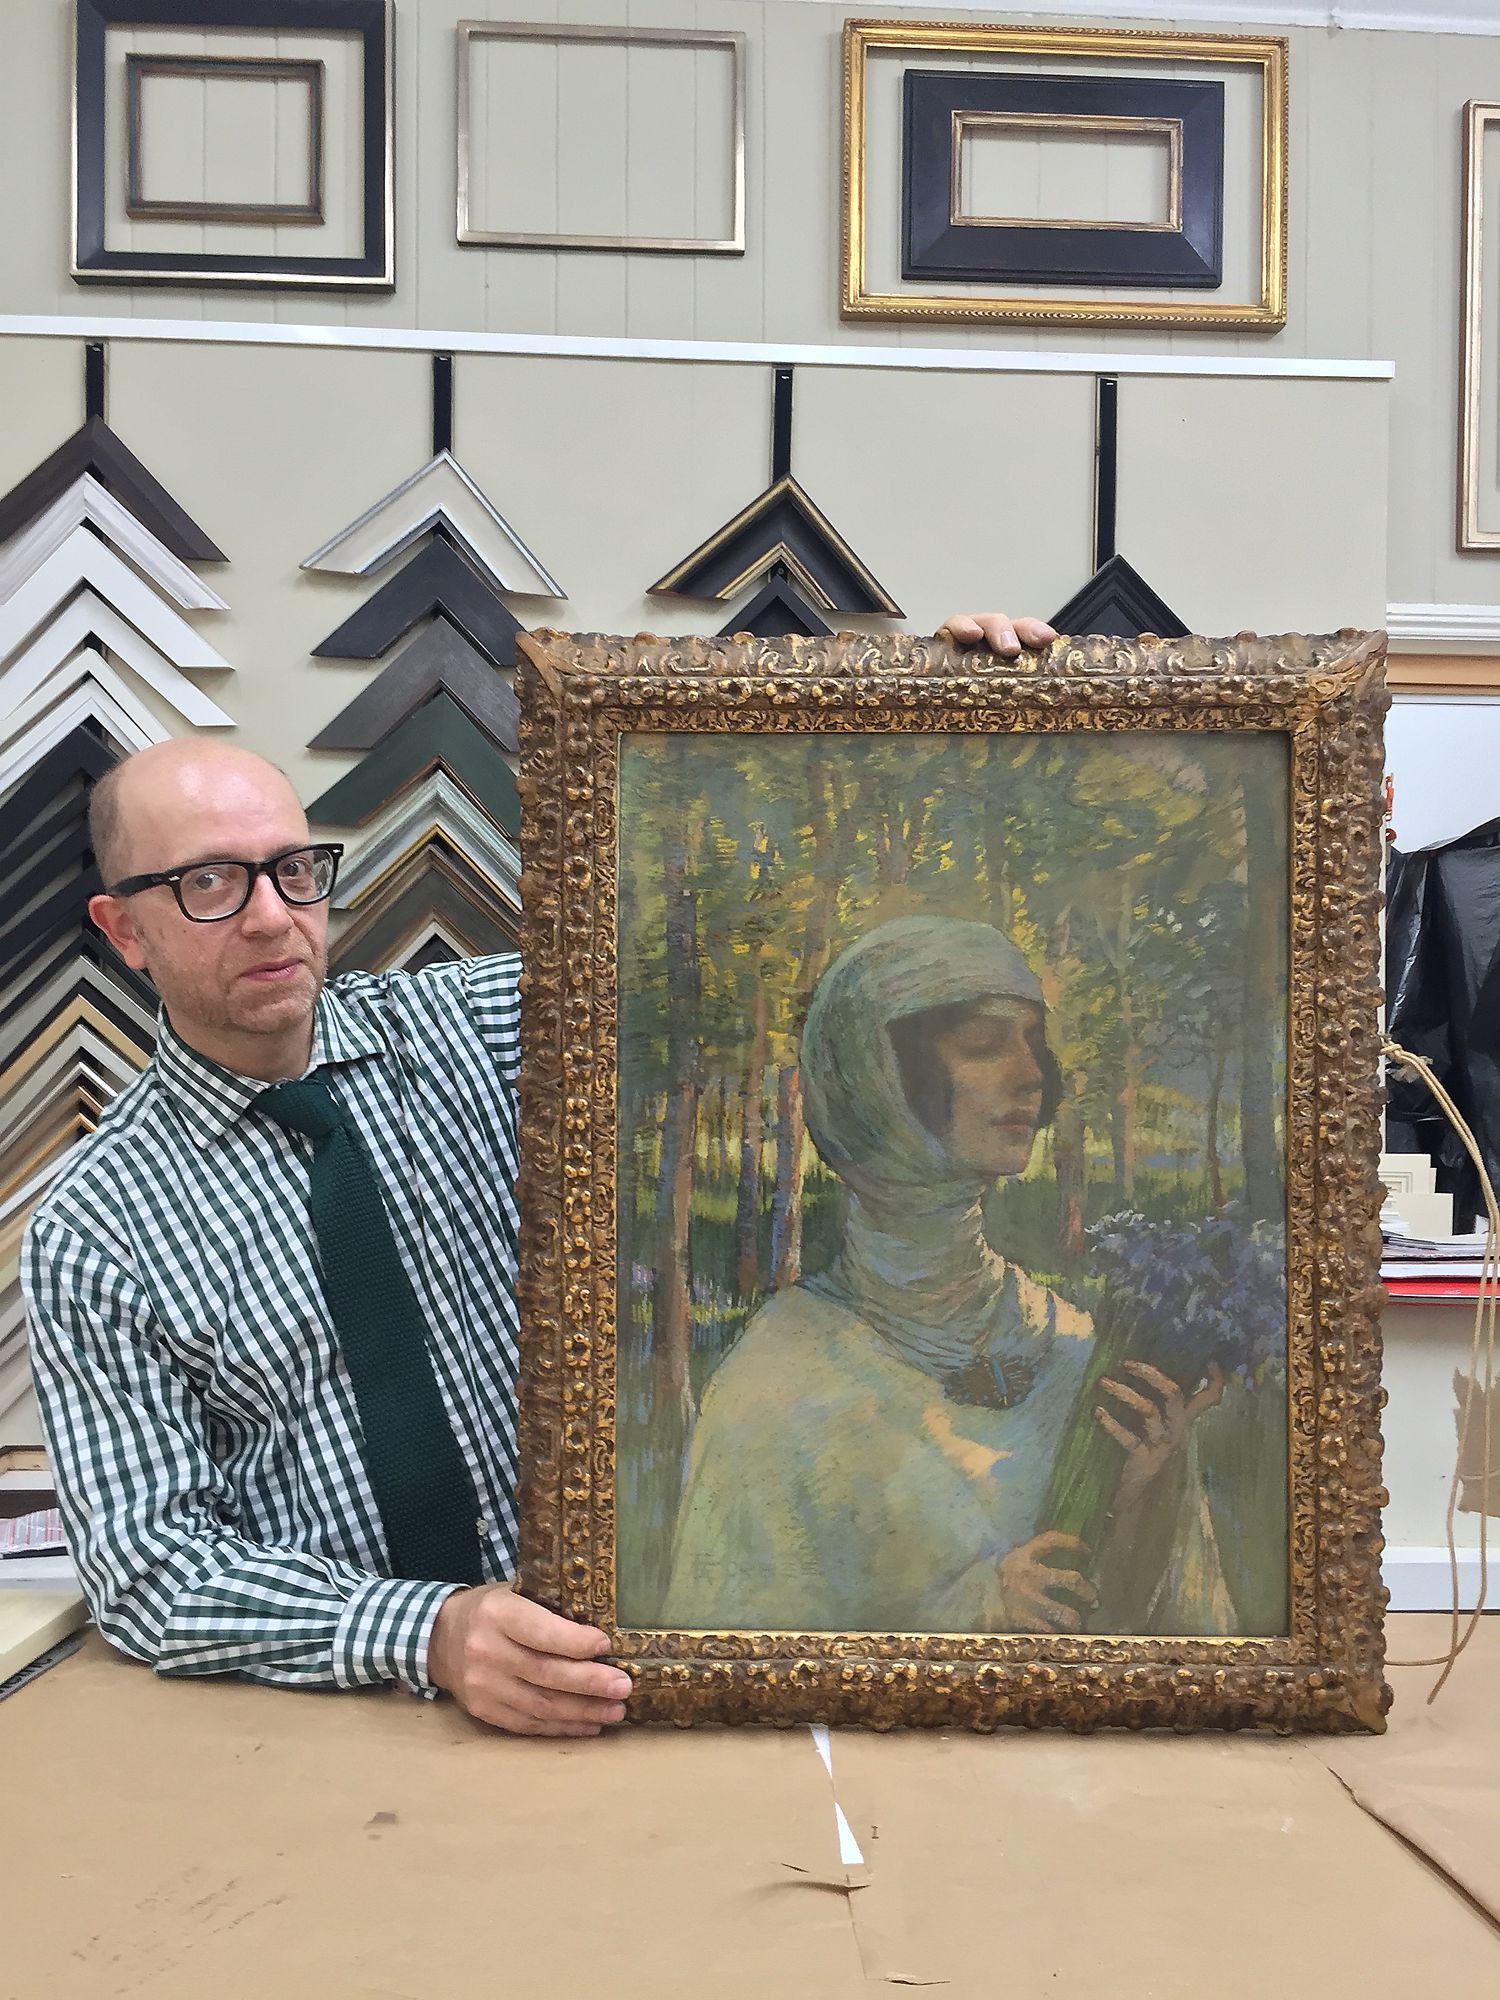 2aeb332f2 Fine art framing restoration and conservation - Chris Everett Framing